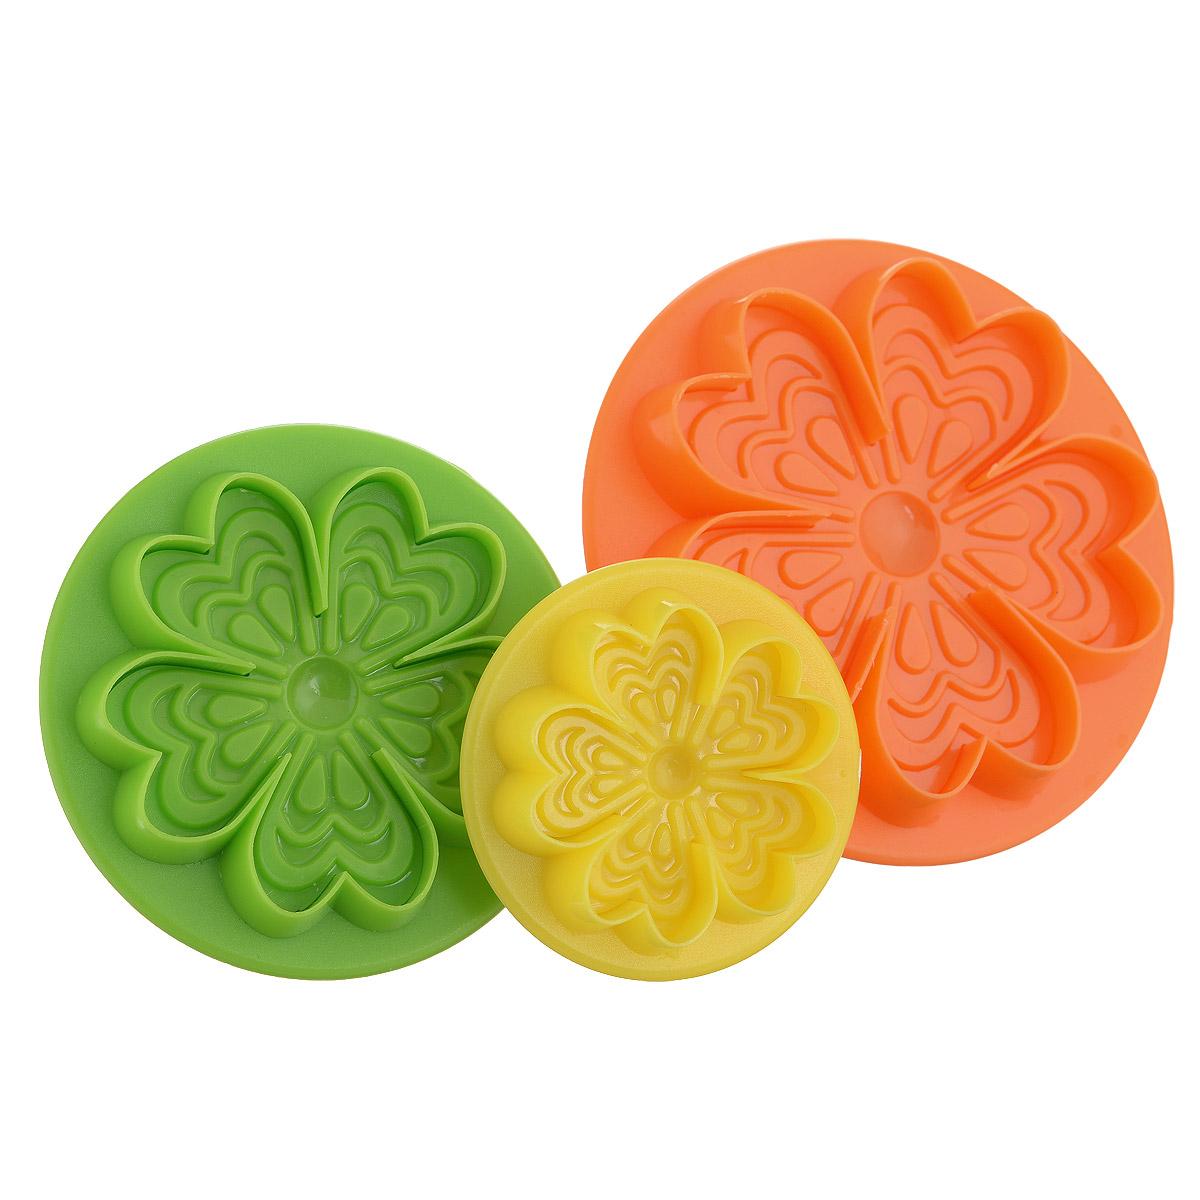 Набор форм для печенья Mayer & Boch Цветок, 3 шт. 2401554 009312Набор Mayer & Boch Цветок состоит из трех формочек, выполненных из разноцветного пластика. Изделия имеют форму цветов, оснащены удобными ручками. Раскатайте тесто, возьмите форму, надавите ею на тесто (как будто ставите печать), и у вас получится красивая вырезка в виде цветочка. Такой набор формочек позволит приготовить печенье по вашему любимому рецепту, но в необычном оформлении, которое обязательно придется по душе и детям, и взрослым.